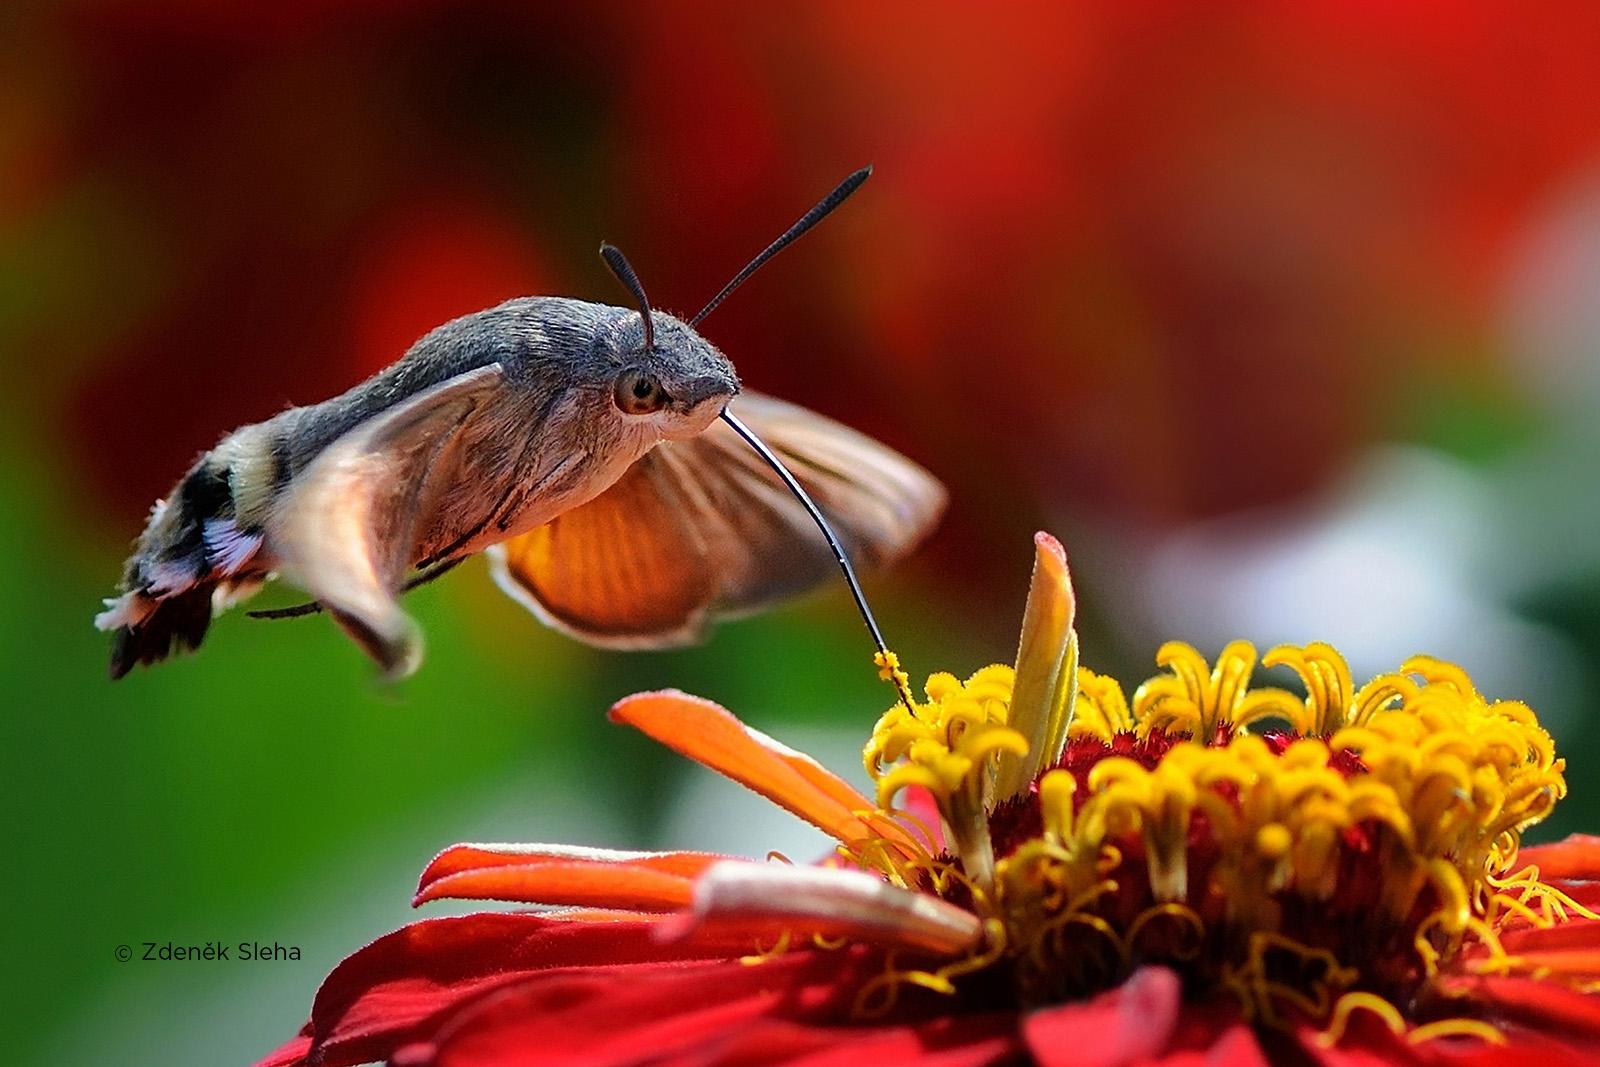 czech nature photo nominace bezobratlí zdeněk sleha